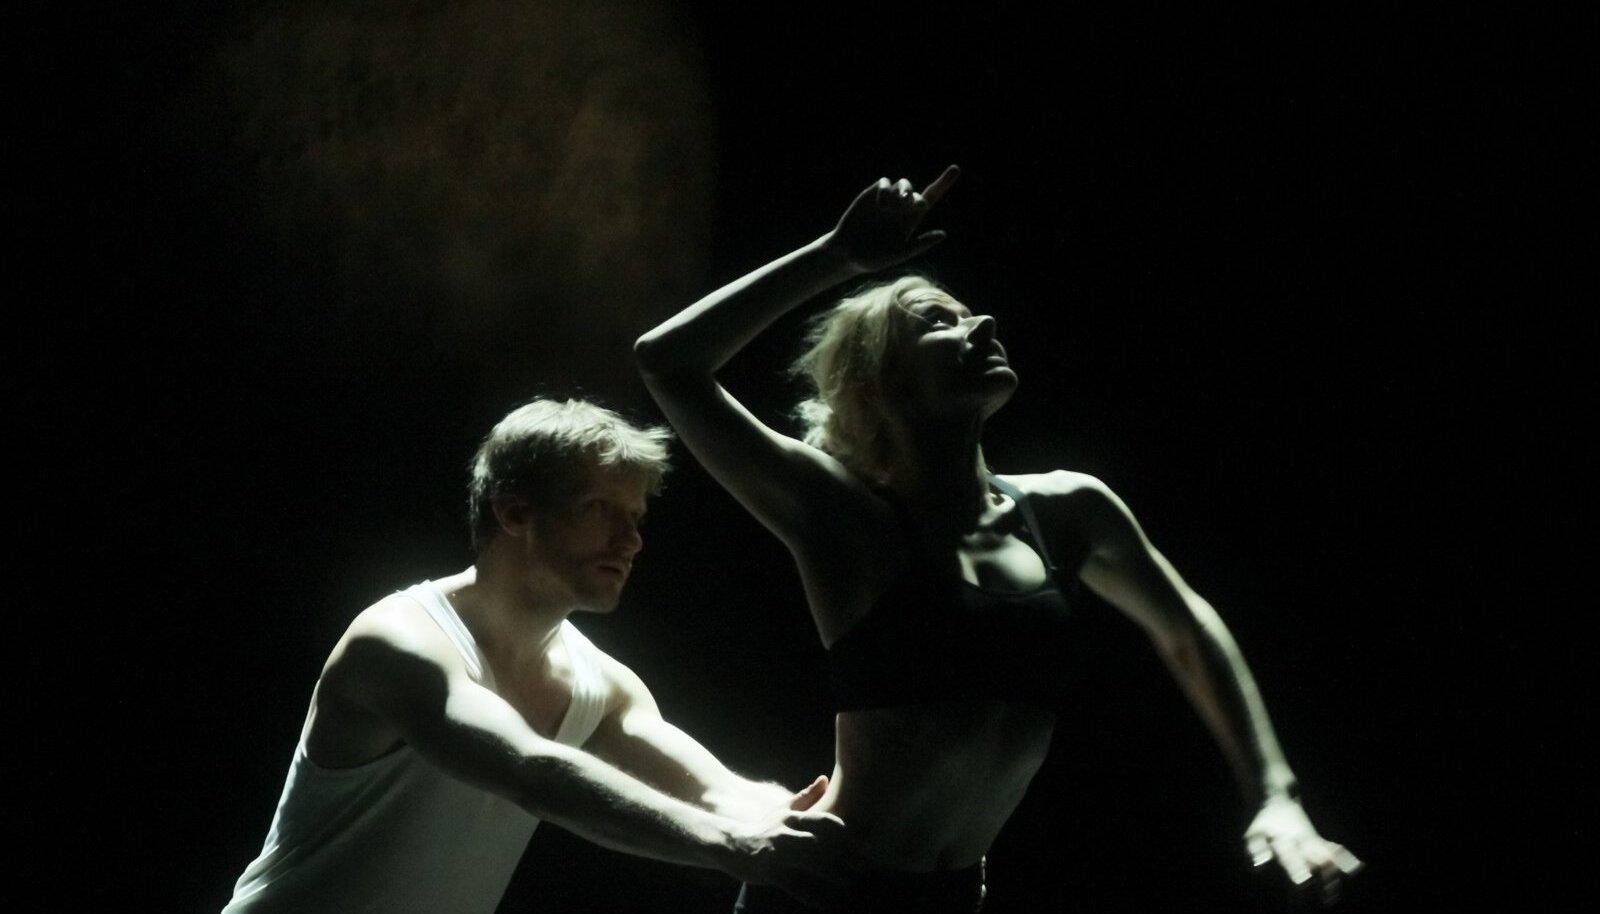 """""""Puudutada kuud"""" on kahe noore tantsuhuvilise (Jaune Kimmel ja Madis Mäeorg -pildil) eneseleidmise ja teineteise leidmise lugu.""""Läbi selle näitame ühtlasi inimsuhteid selles ajastus, seda kuidas nad kaasaaegset tantsu hakkavad tegema ja mis sellest kõigest välja tuleb,"""" ütleb Peeter Raudsepp."""